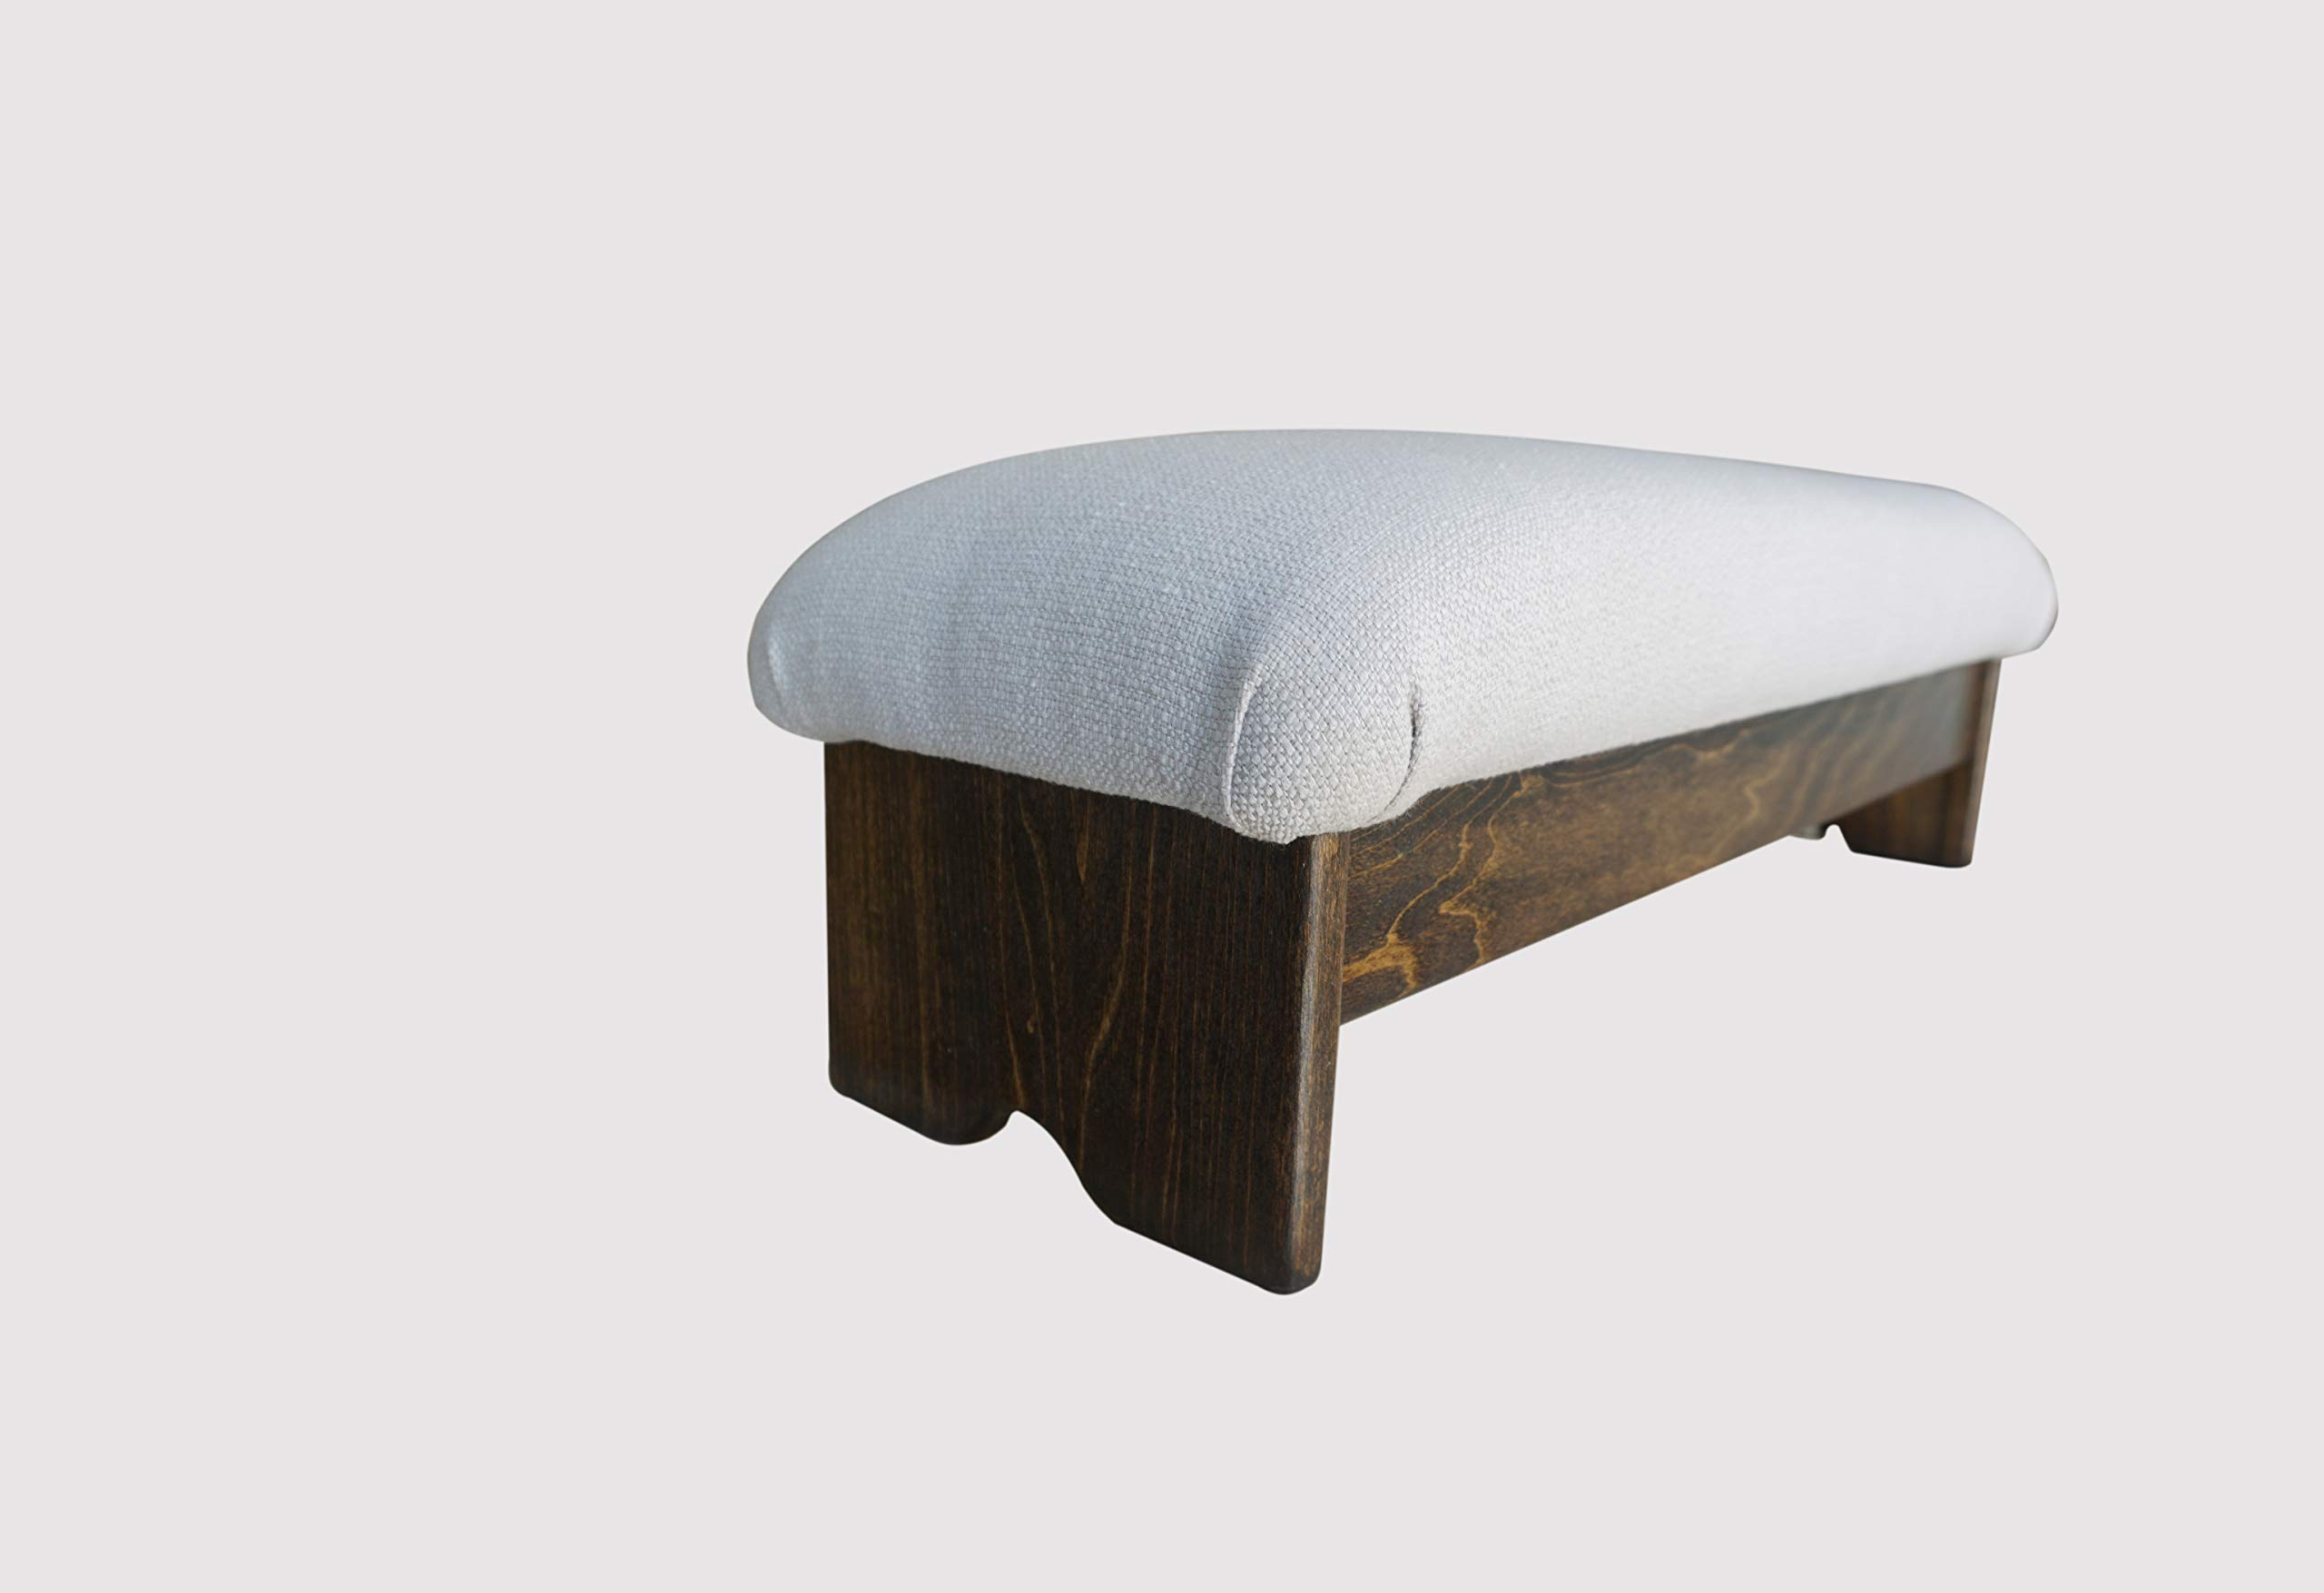 KR Ideas Bedside Padded Foot Stool, Walnut Stain 9'' Tall (Made in The USA) (Malibu Sea Salt - 9'' Walnut)